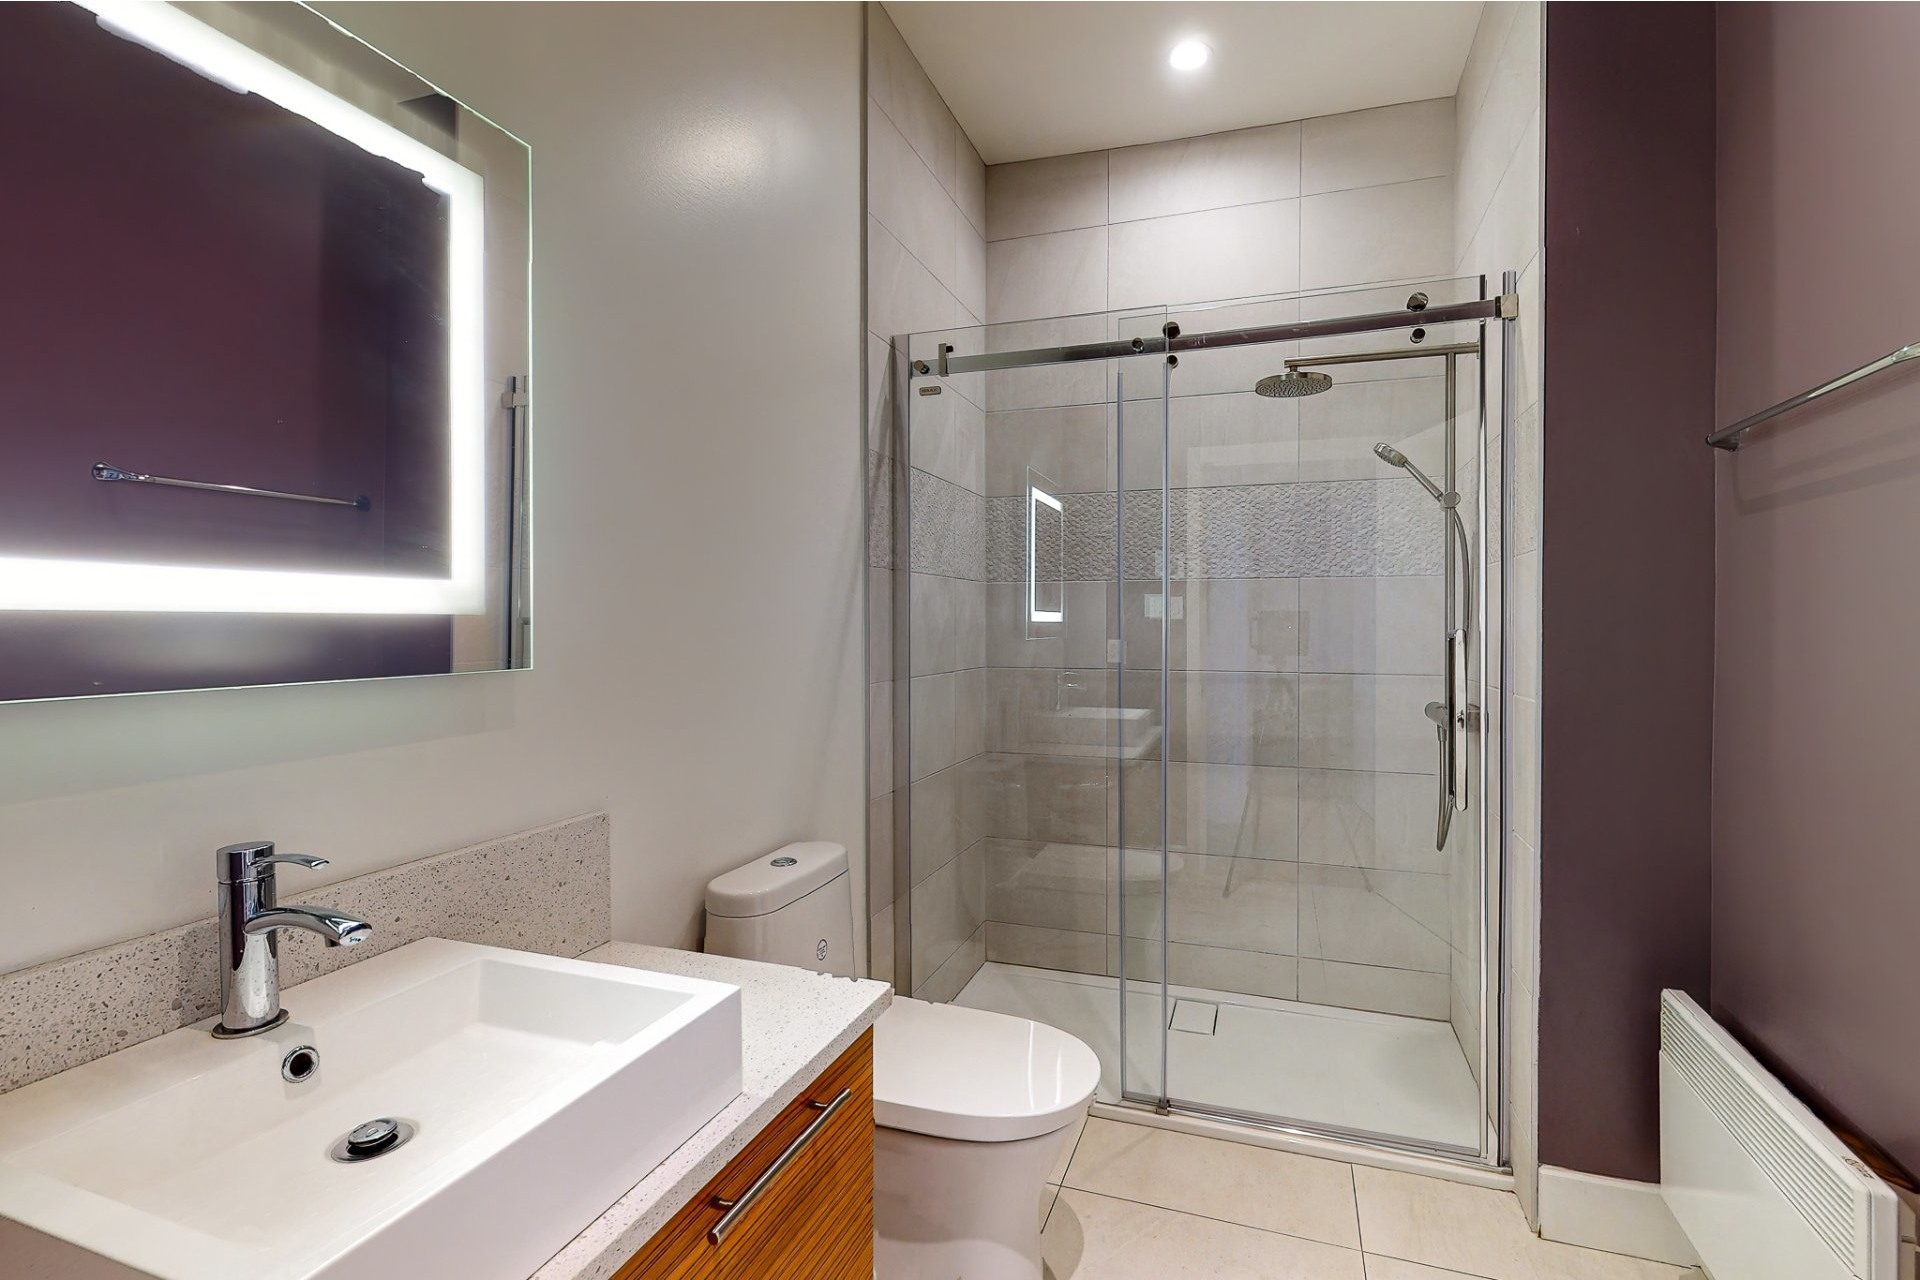 image 9 - House For sale Le Plateau-Mont-Royal Montréal  - 10 rooms